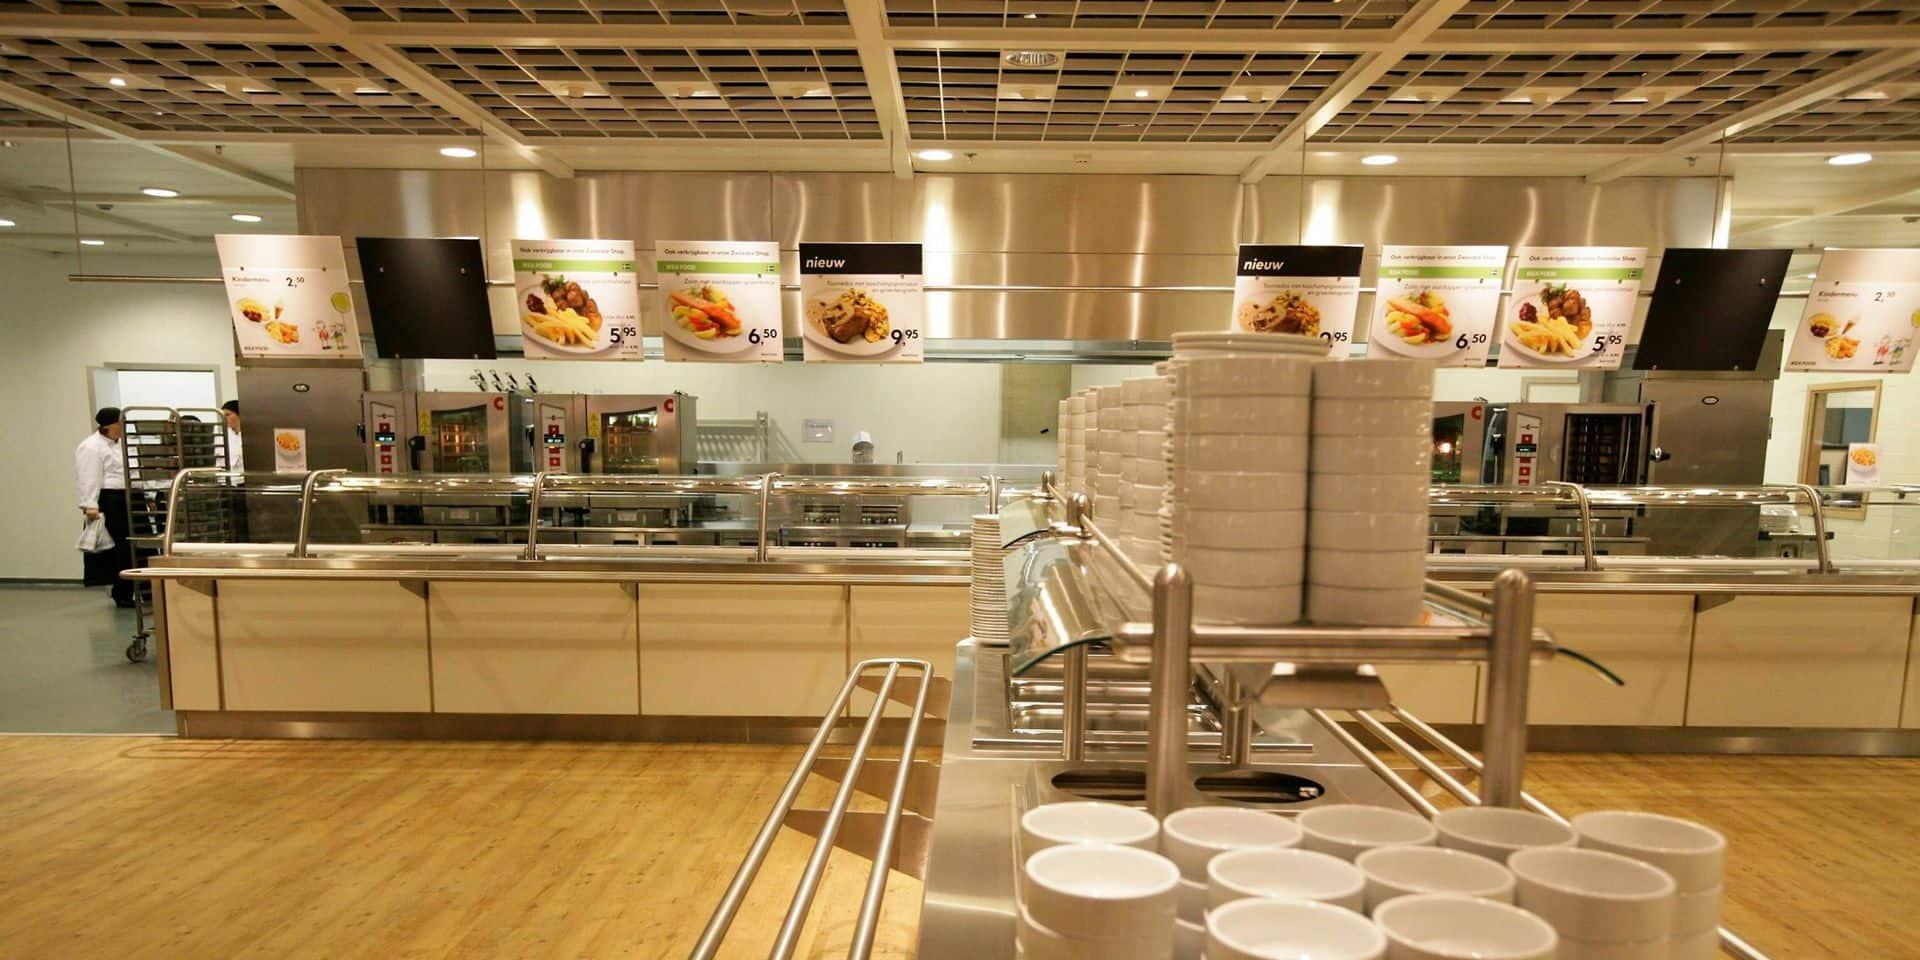 L'Ice-dog, la nouvelle trouvaille culinaire très particulière d'Ikea